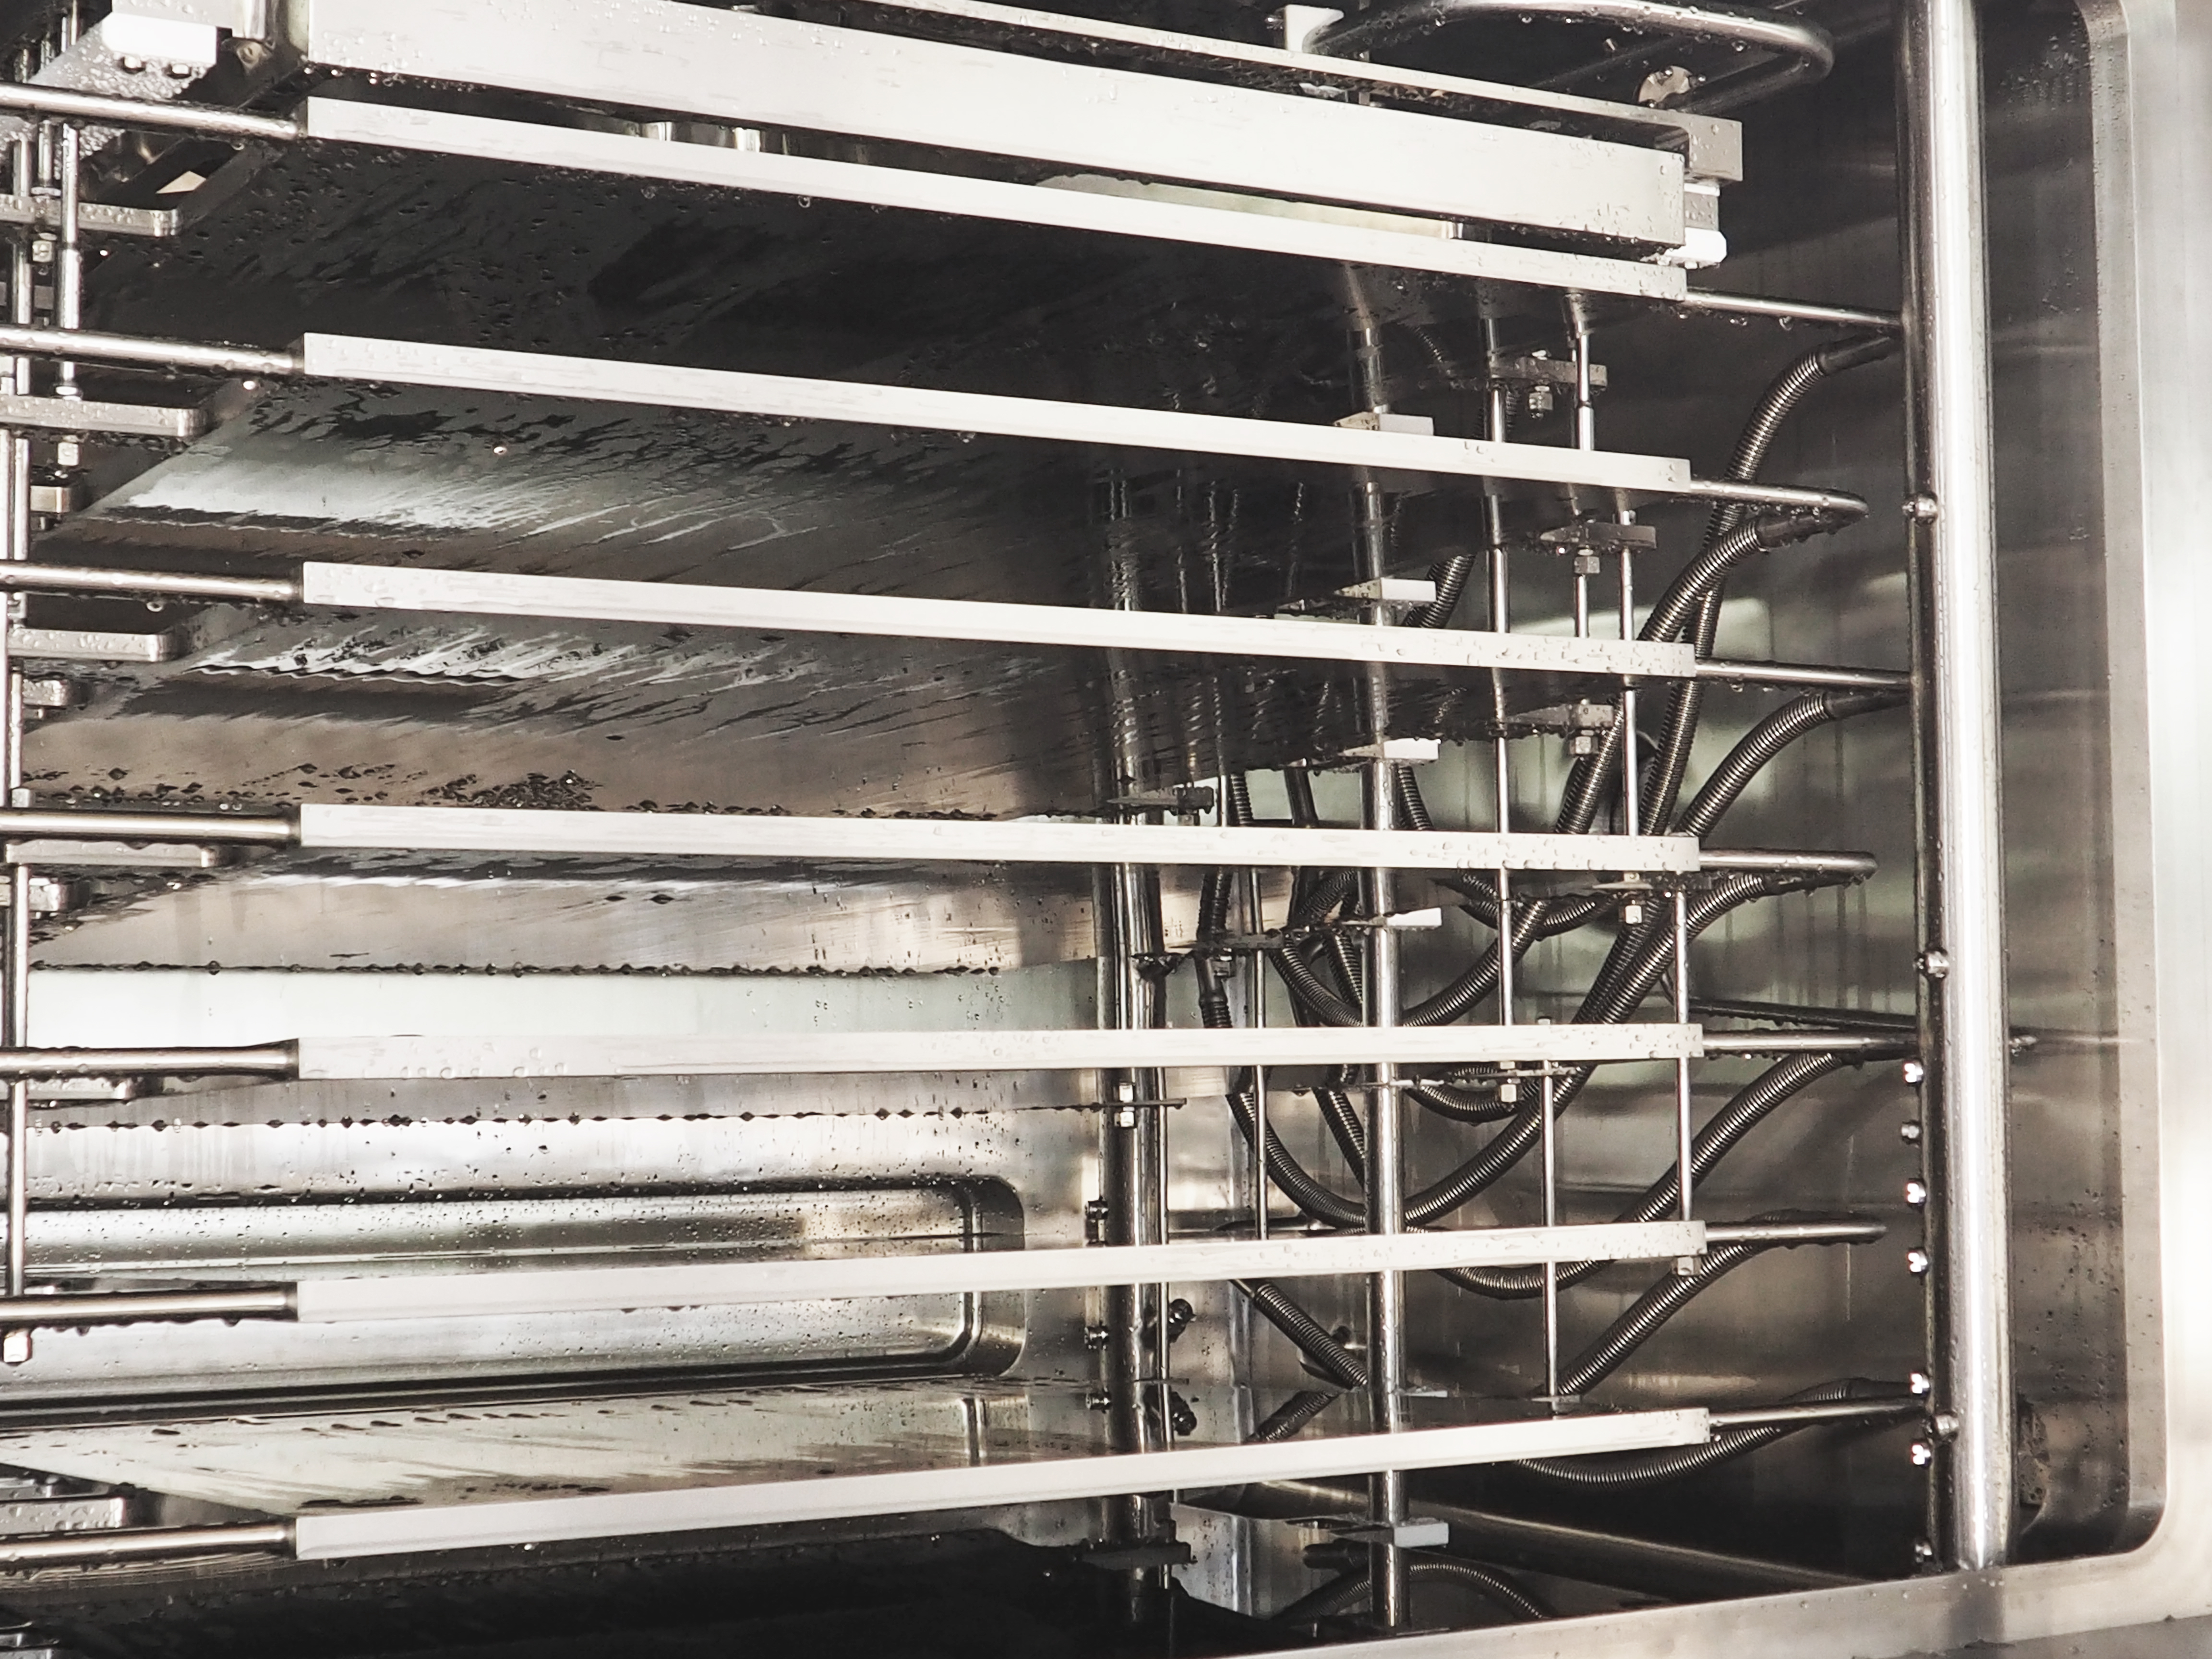 Bosch Gefriertrockner mit kippbaren Stellflächen